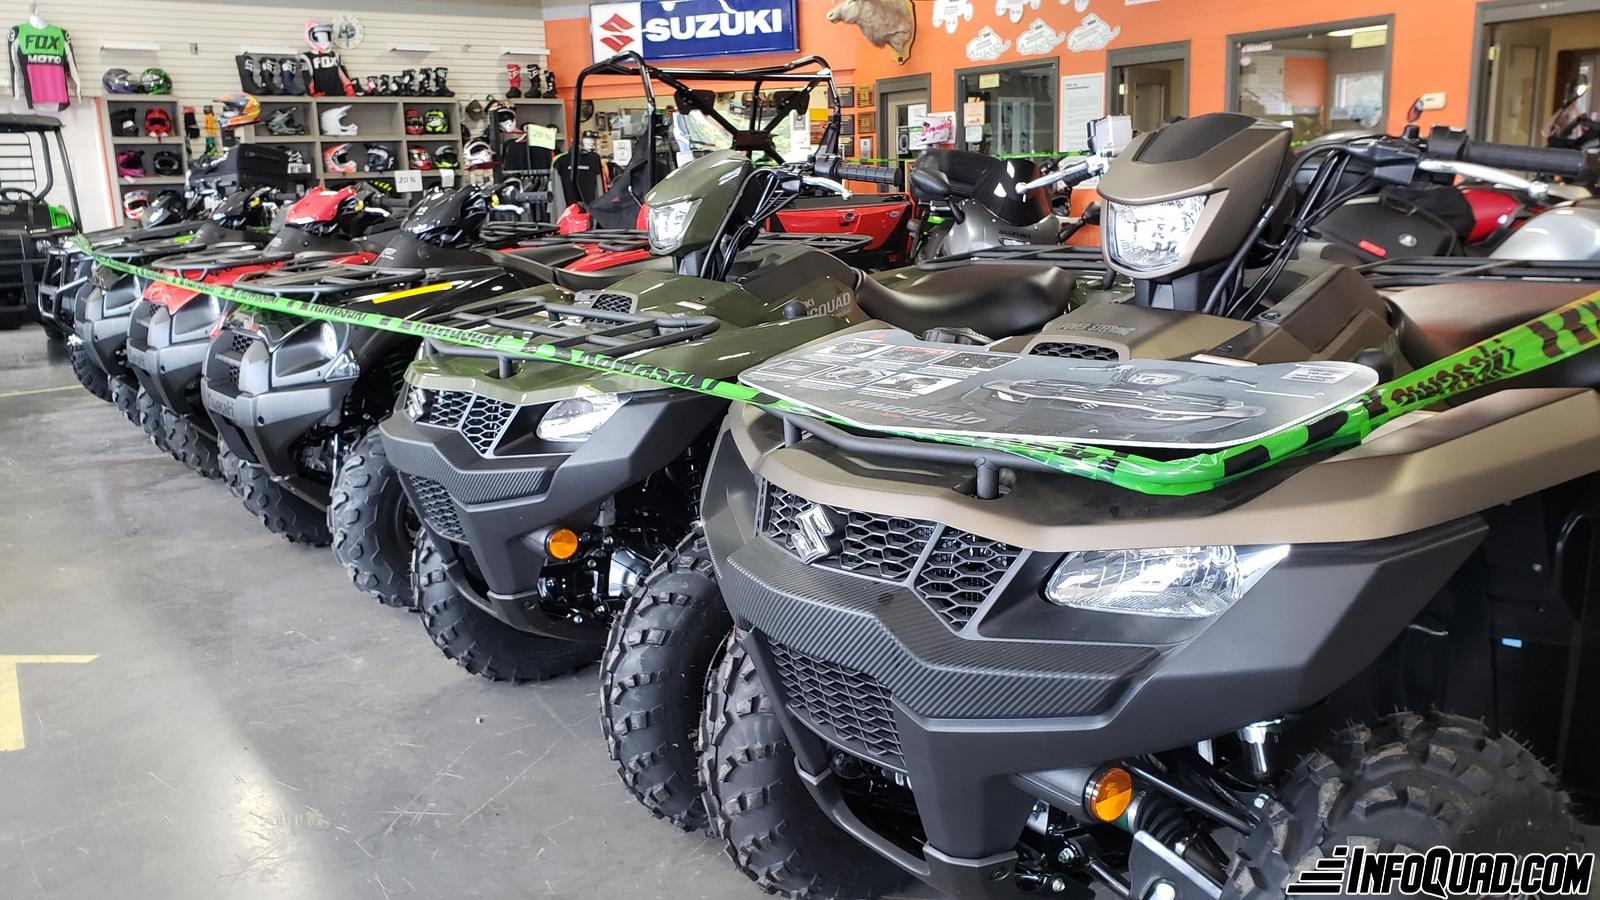 Rareté des quads à vendre - Où s'en va-t'on ?